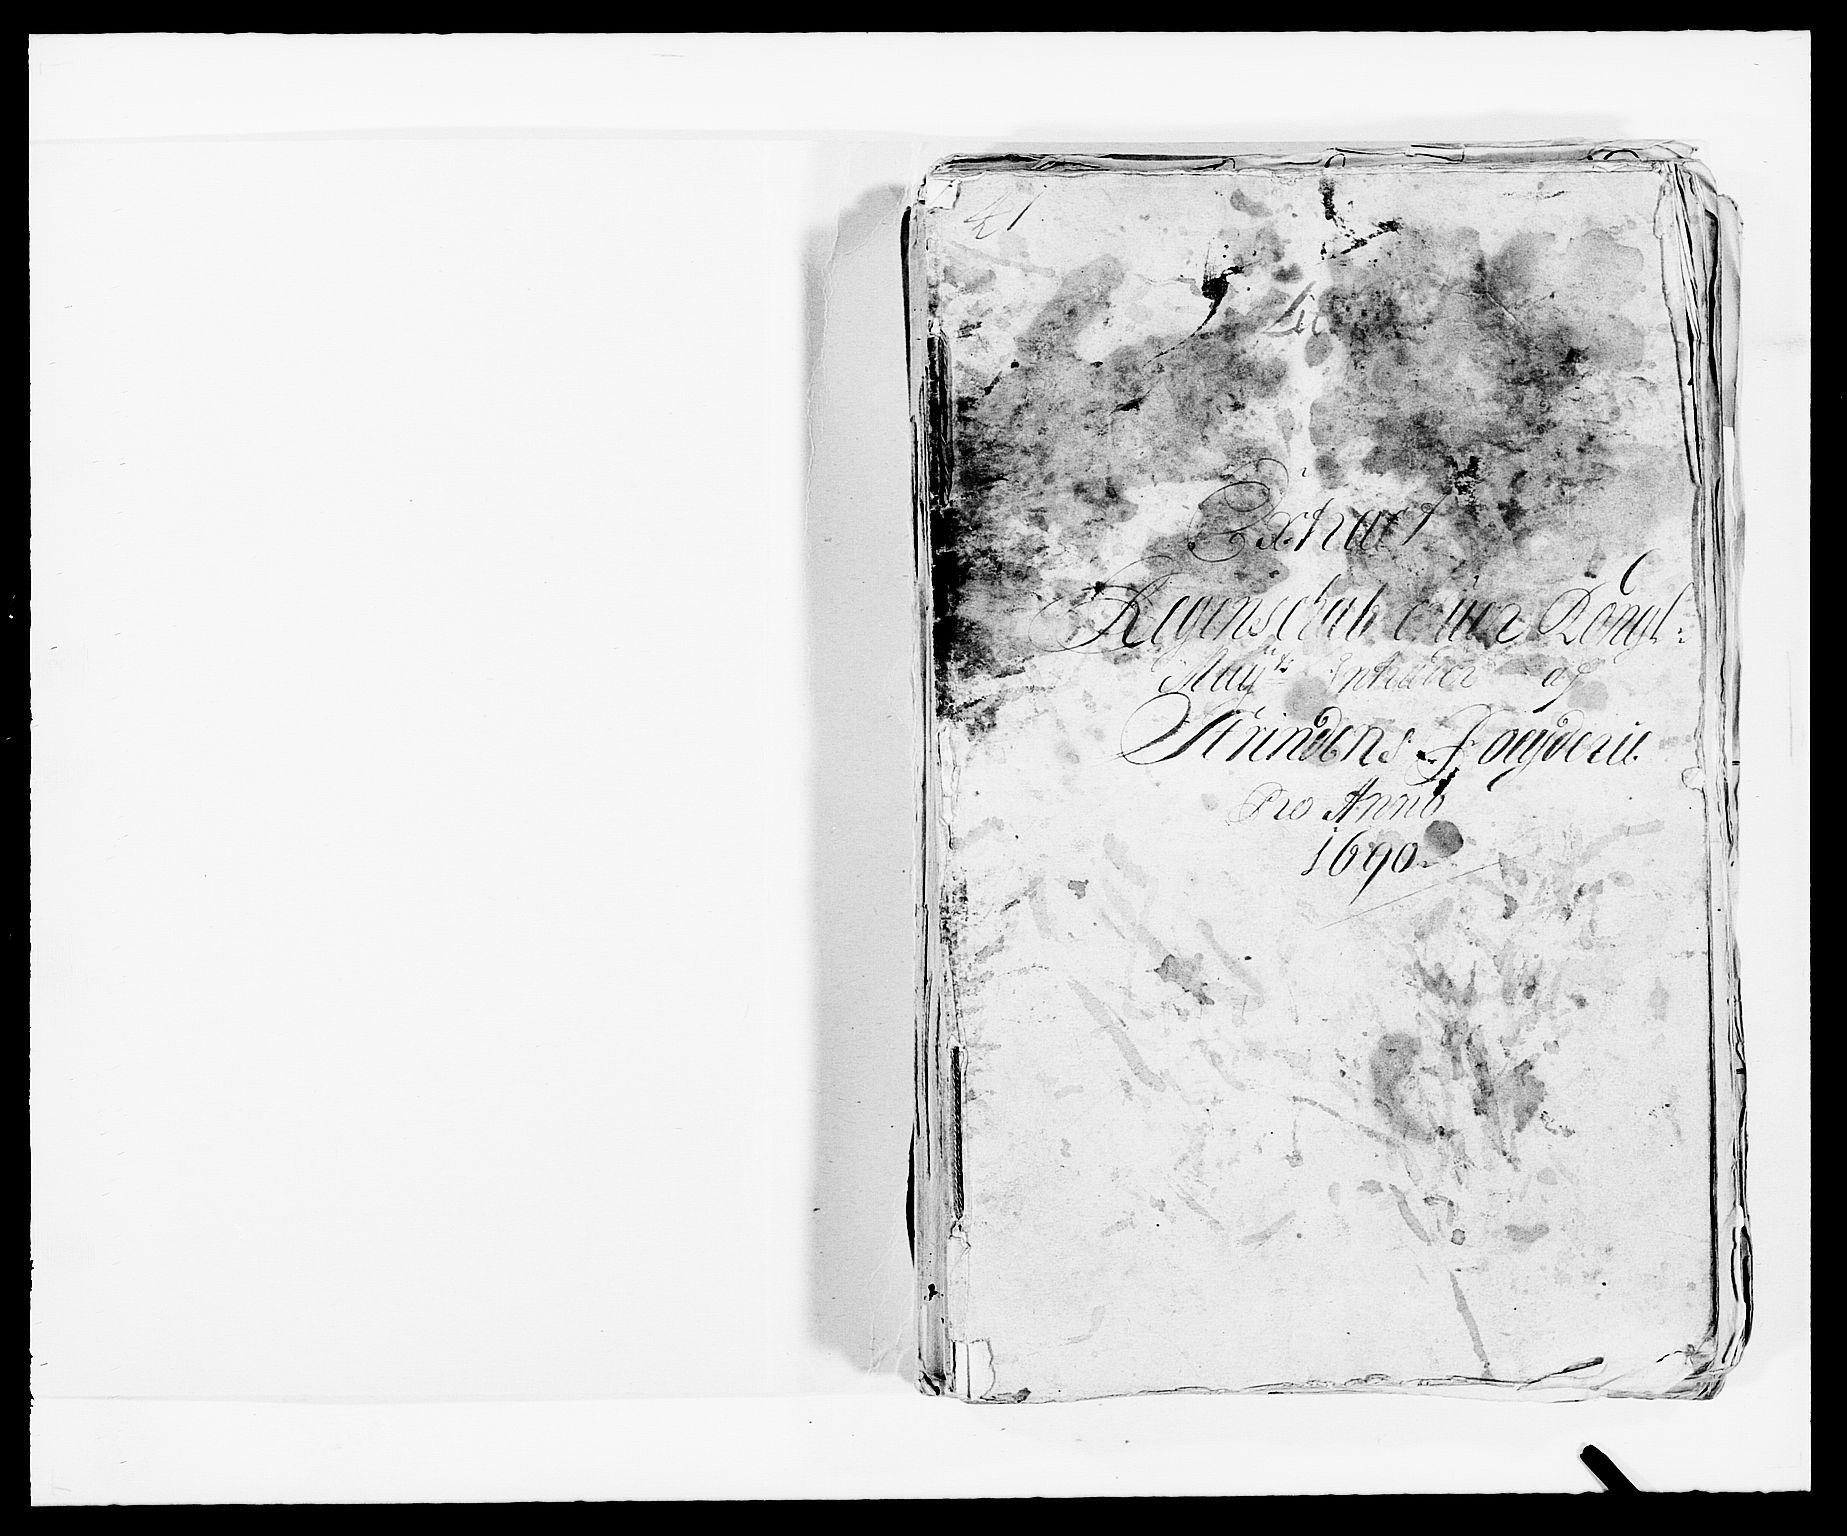 RA, Rentekammeret inntil 1814, Reviderte regnskaper, Fogderegnskap, R61/L4102: Fogderegnskap Strinda og Selbu, 1689-1690, s. 126